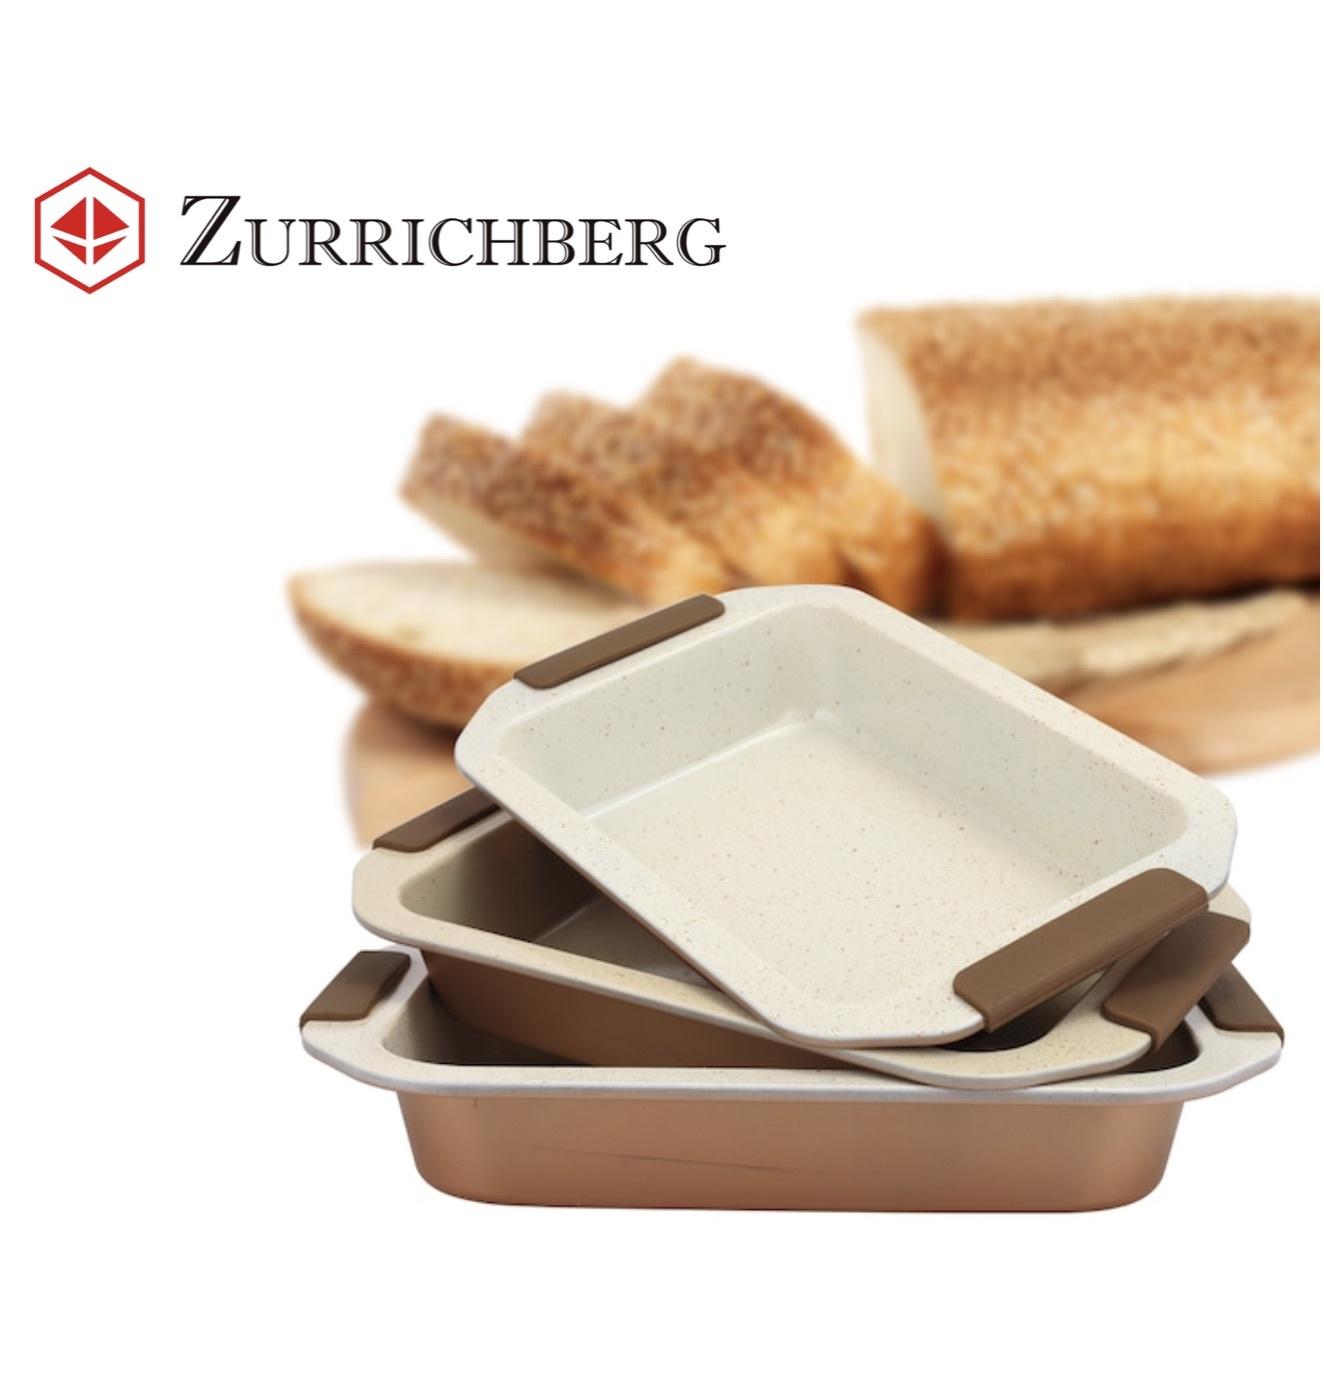 Zurrichberg 3-delige Ovenschaal Keramisch met Siliconen handgrepen